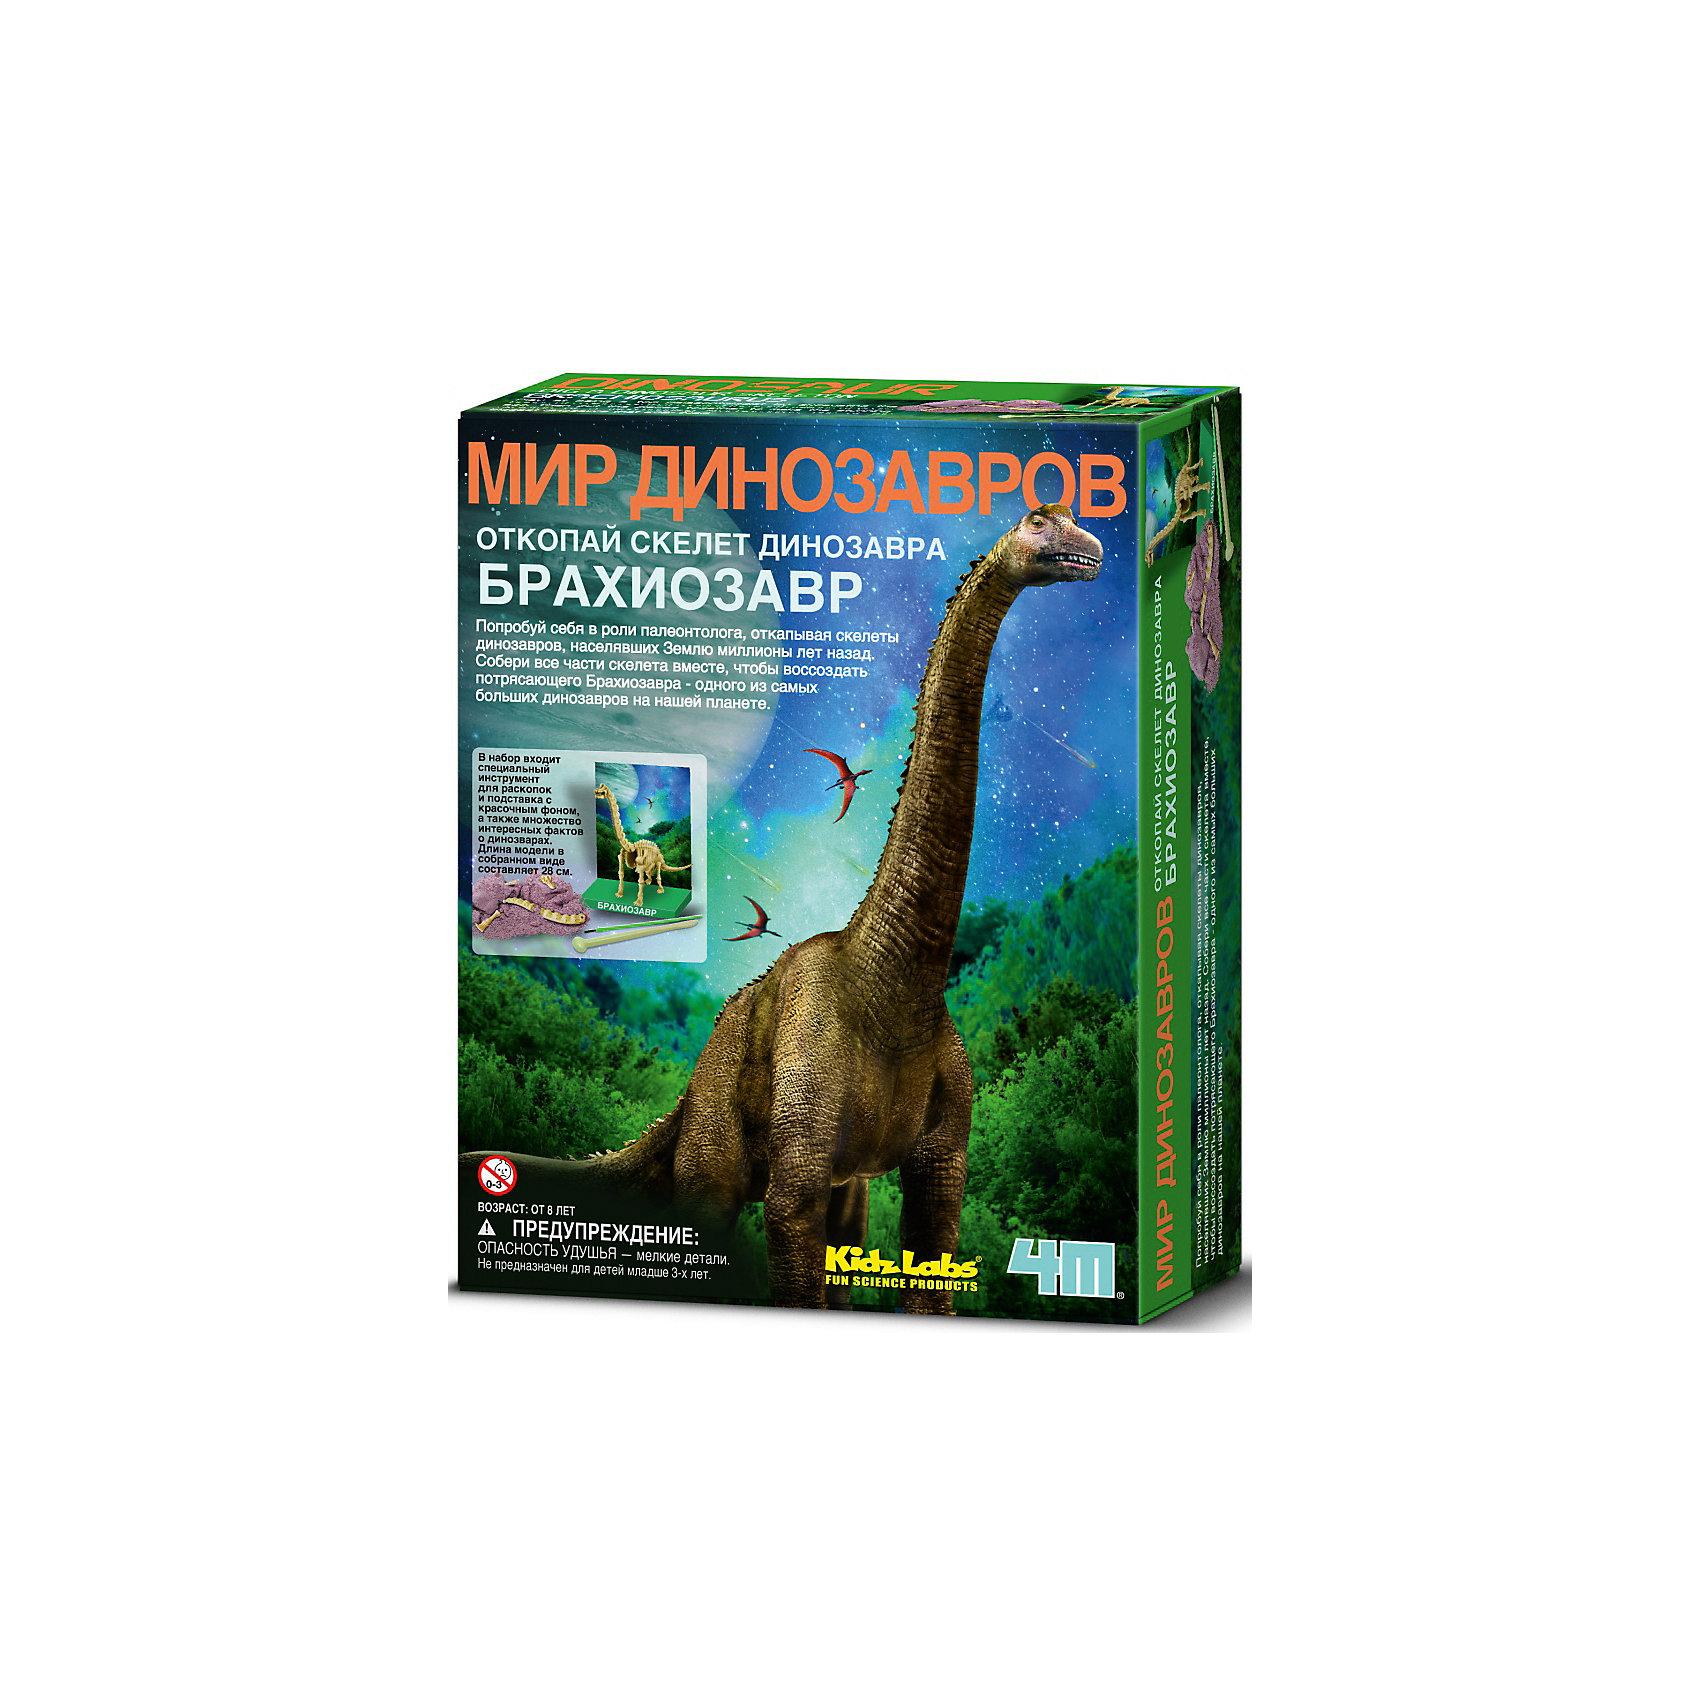 Скелет Брахиозавра, 4МНаборы для раскопок<br>Набор Скелет Брахиозавра, 4М создан специально для любознательных детей. Он позволяет провести настоящие археологические раскопки и из костей собрать скелет древнего ящера. С помощью инструкции, молоточком, скребком и кисточкой ребенок раскапывает кости динозавра из «земли» (специальный гипсовый брус, имитирующий землю)  и начинает собирать скелет. Чтобы конструкция была крепче, места стыка костей прокладываются мягким воском. Самостоятельно собранный скелет древнего ящера станет отличным декором в комнате! <br><br>Характеристики:<br>-Развивает: мелкую моторику рук, фантазию, воображение, сообразительность, любознательность, усидчивость<br>-Расширенные возможности серии: можно собрать коллекцию скелетов доисторических животных<br>-В процессе раскопки костей и сборки ребенок знакомится со строением скелета <br>-Собранная модель может являться наглядным пособием <br><br>Комплектация:<br>-кисточка<br>-скребок с молоточком<br>-мягкий воск<br>-брикет, имитирующий слой земли (11,5х9х4,5 см)<br>-кости динозавра <br>-инструкция <br><br>Дополнительная информация:<br>-Вес в упаковке: 500 г<br>-Размеры в упаковке: 215х165х60 мм<br>-Размеры собранного скелета: 280 мм<br>-Материал: гипс, пластмасса, бумага, воск<br><br>Почувствуйте себя палеонтологом с набором Скелет Брахиозавра, 4М – проведите настоящие раскопки, а из выкопанных костей соберите скелет динозавра <br><br>Набор Скелет Брахиозавра, 4М можно купить в нашем магазине.<br><br>Ширина мм: 215<br>Глубина мм: 165<br>Высота мм: 60<br>Вес г: 500<br>Возраст от месяцев: 60<br>Возраст до месяцев: 168<br>Пол: Унисекс<br>Возраст: Детский<br>SKU: 4043550